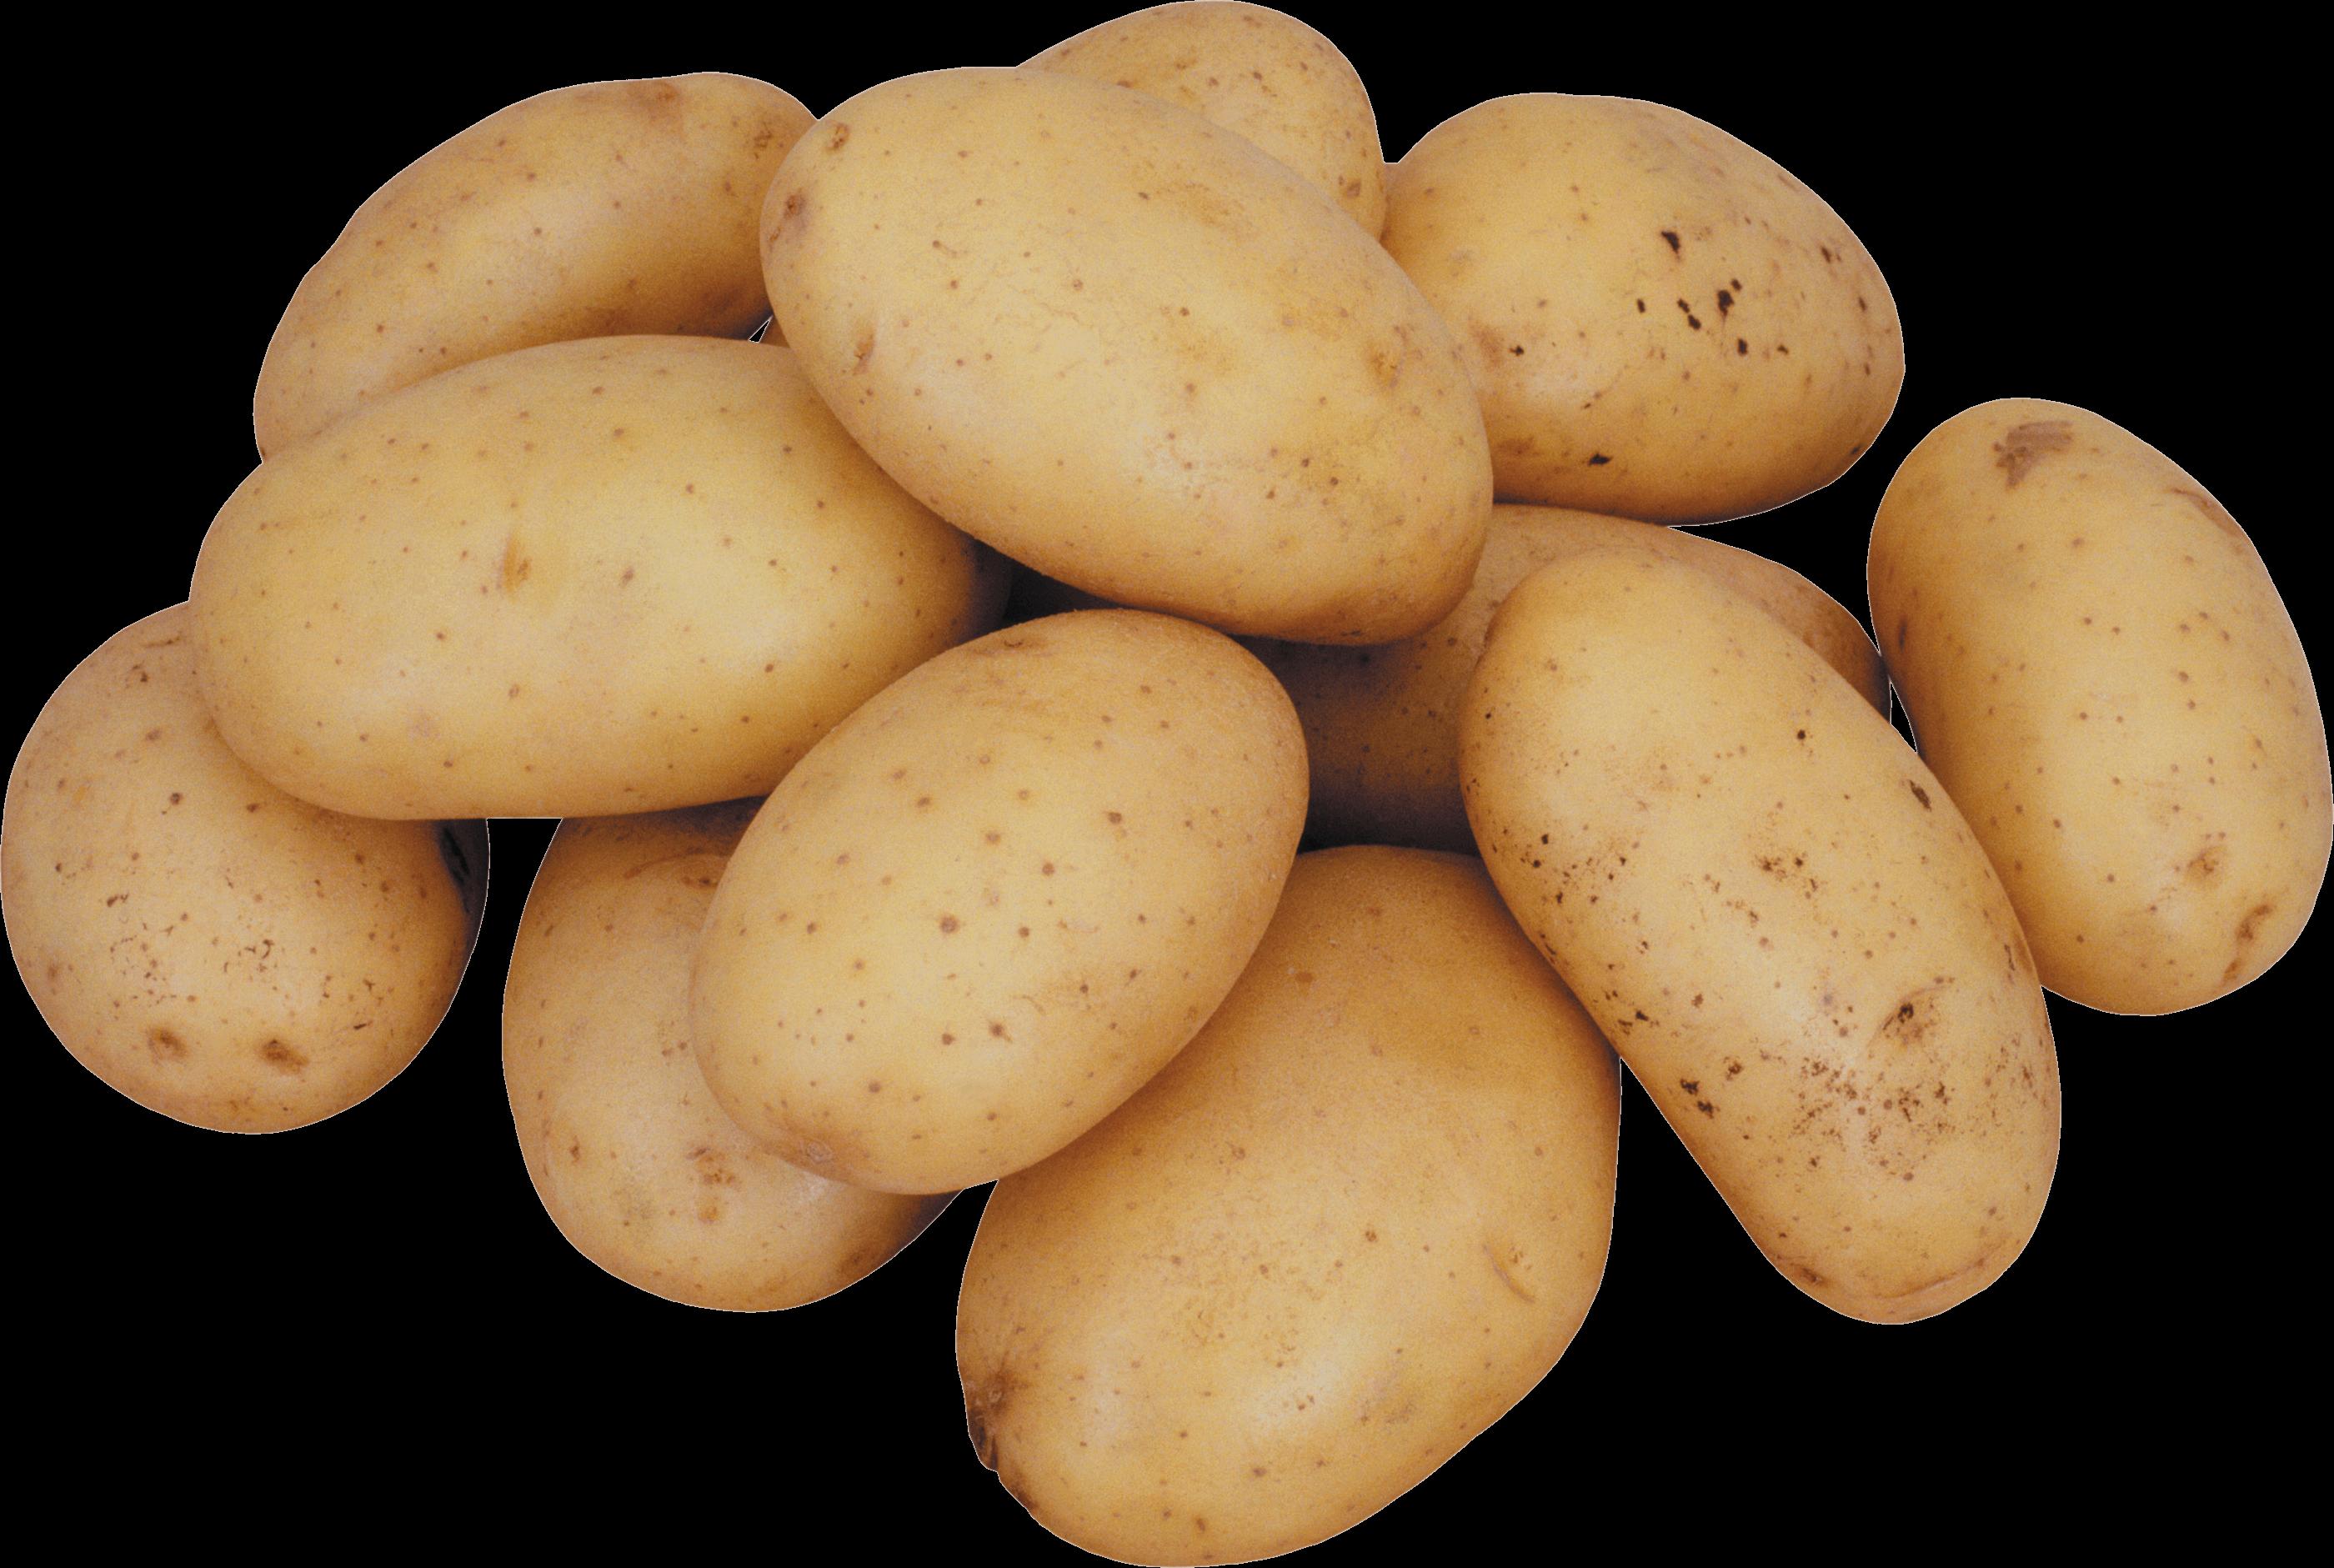 Potato HD PNG